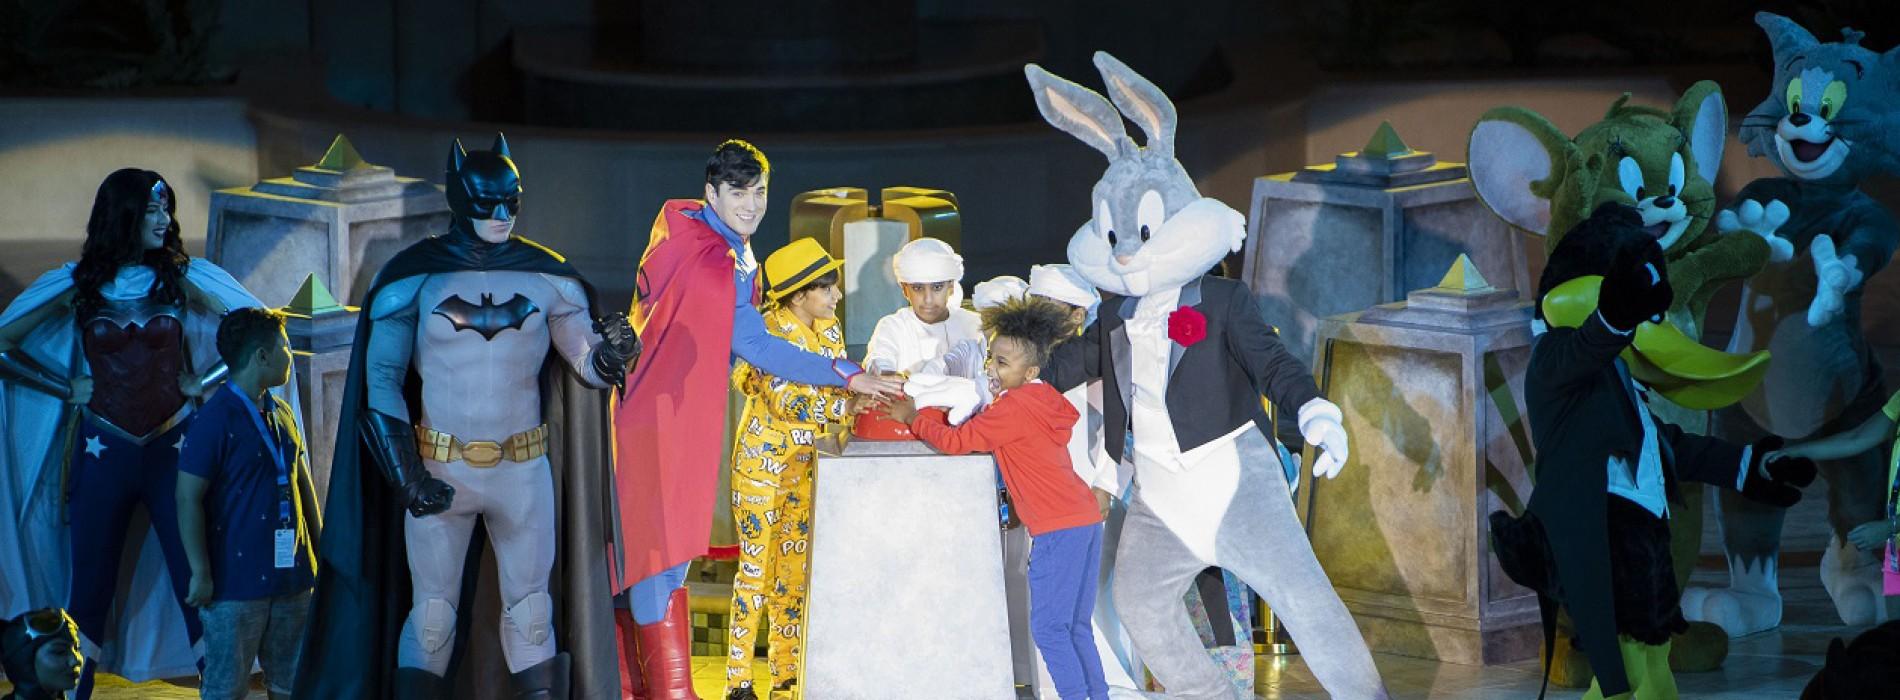 Warner Bros. World Abu Dhabi opens doors in Yas Island